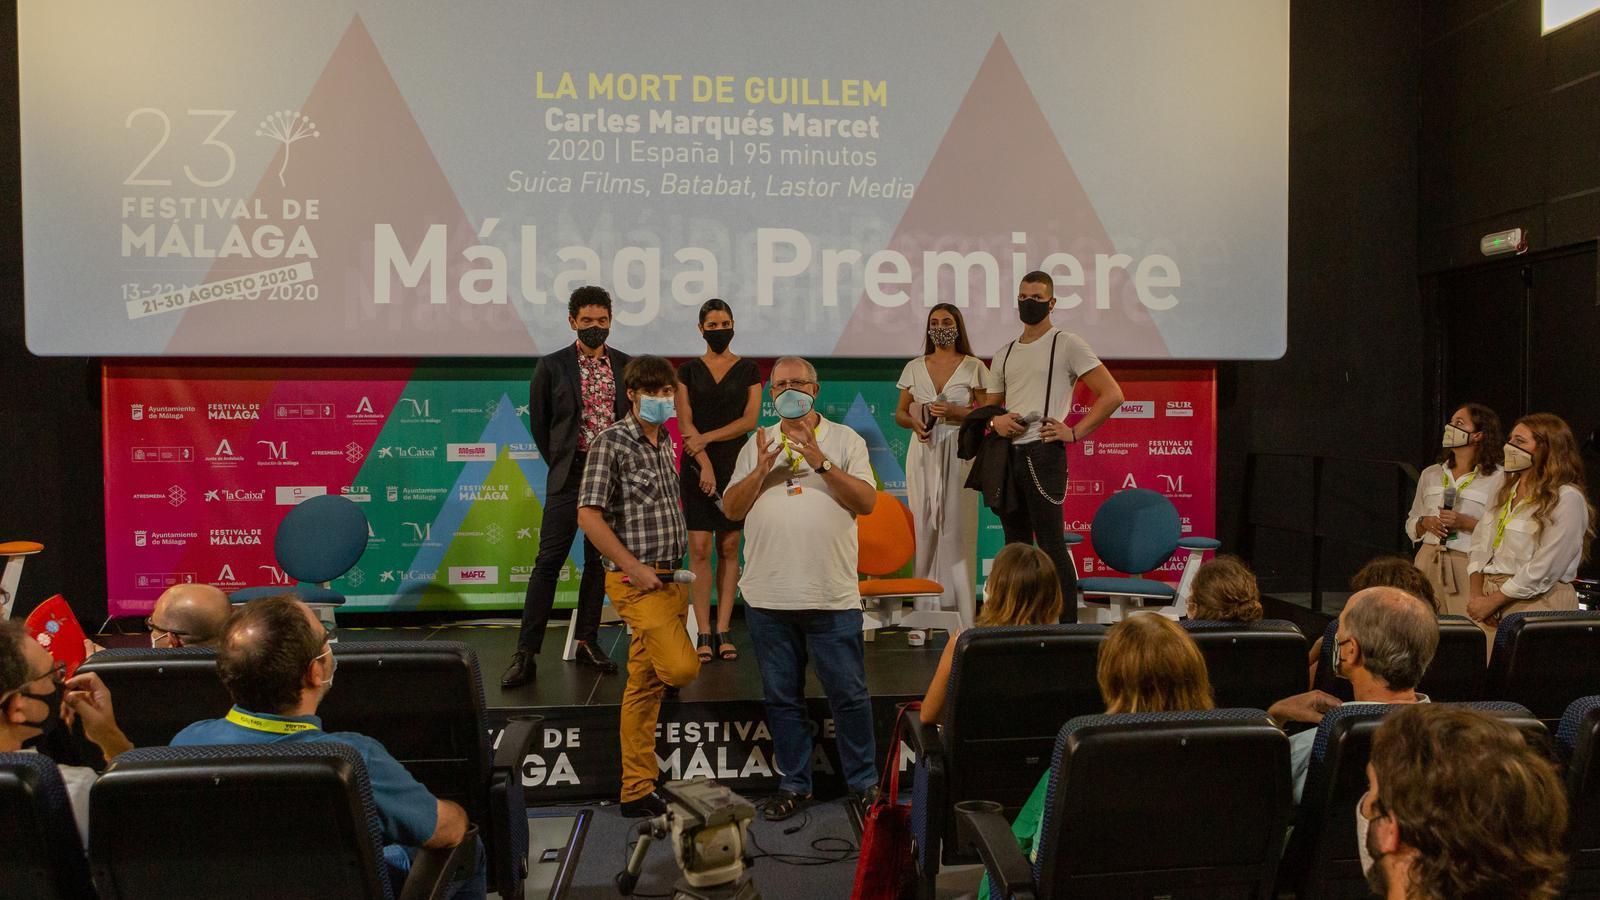 Diàleg amb l'equip de 'La mort de Guillem', Carlos Marques-Marcet al Festival de Màlaga